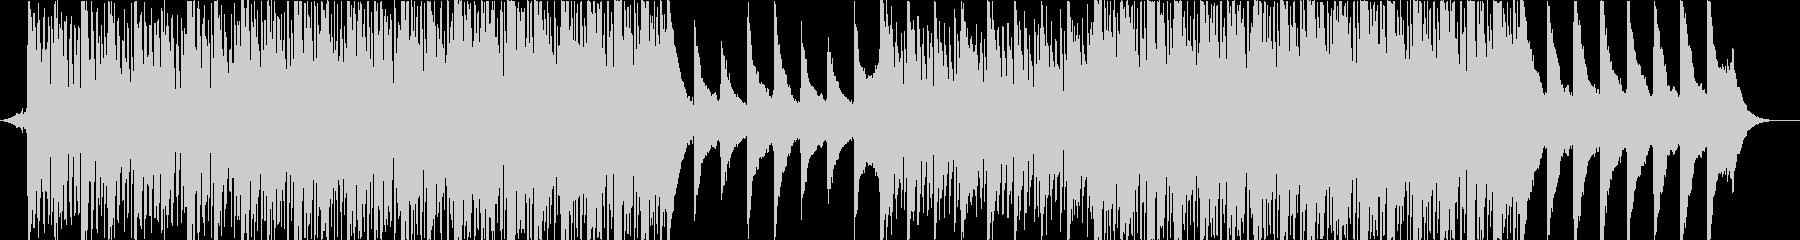 ピアノとアコギの爽やかで優しいBGMの未再生の波形